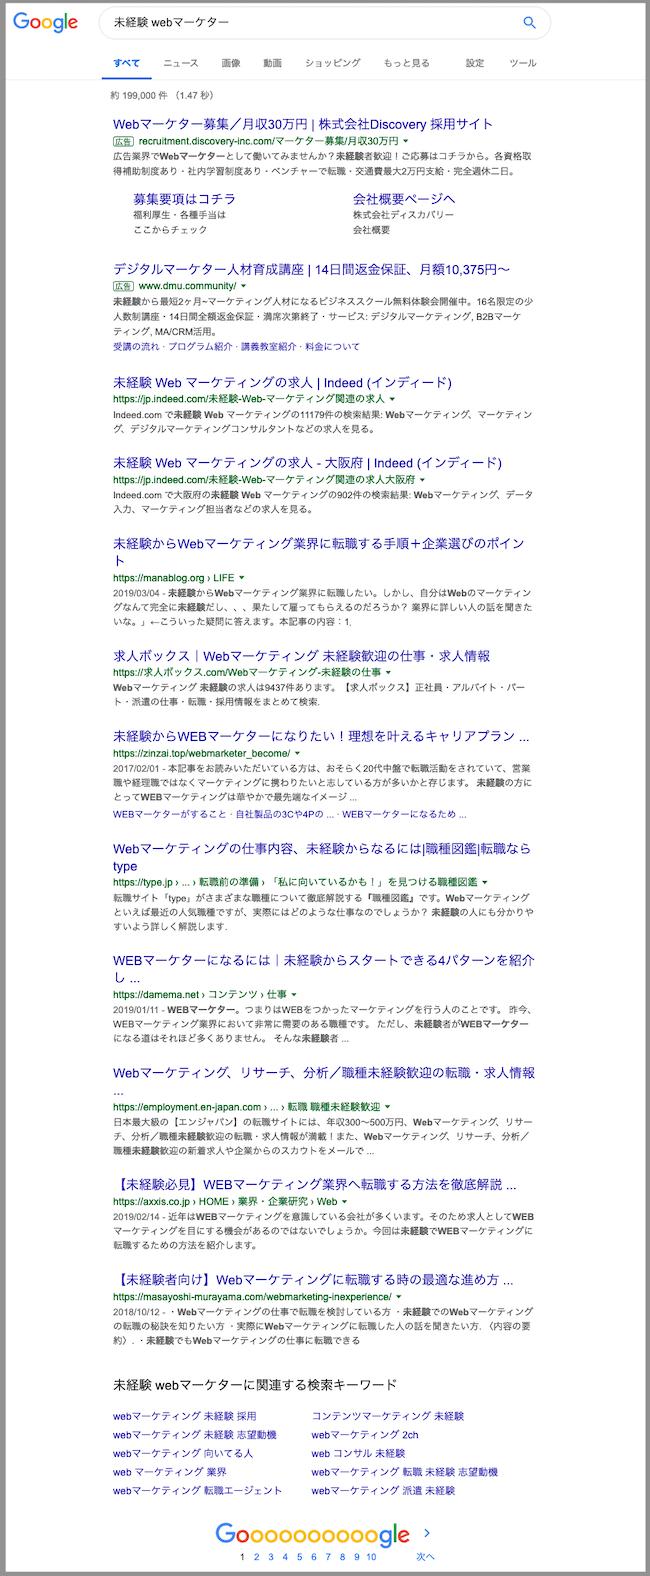 「未経験 werbマーケター」検索結果